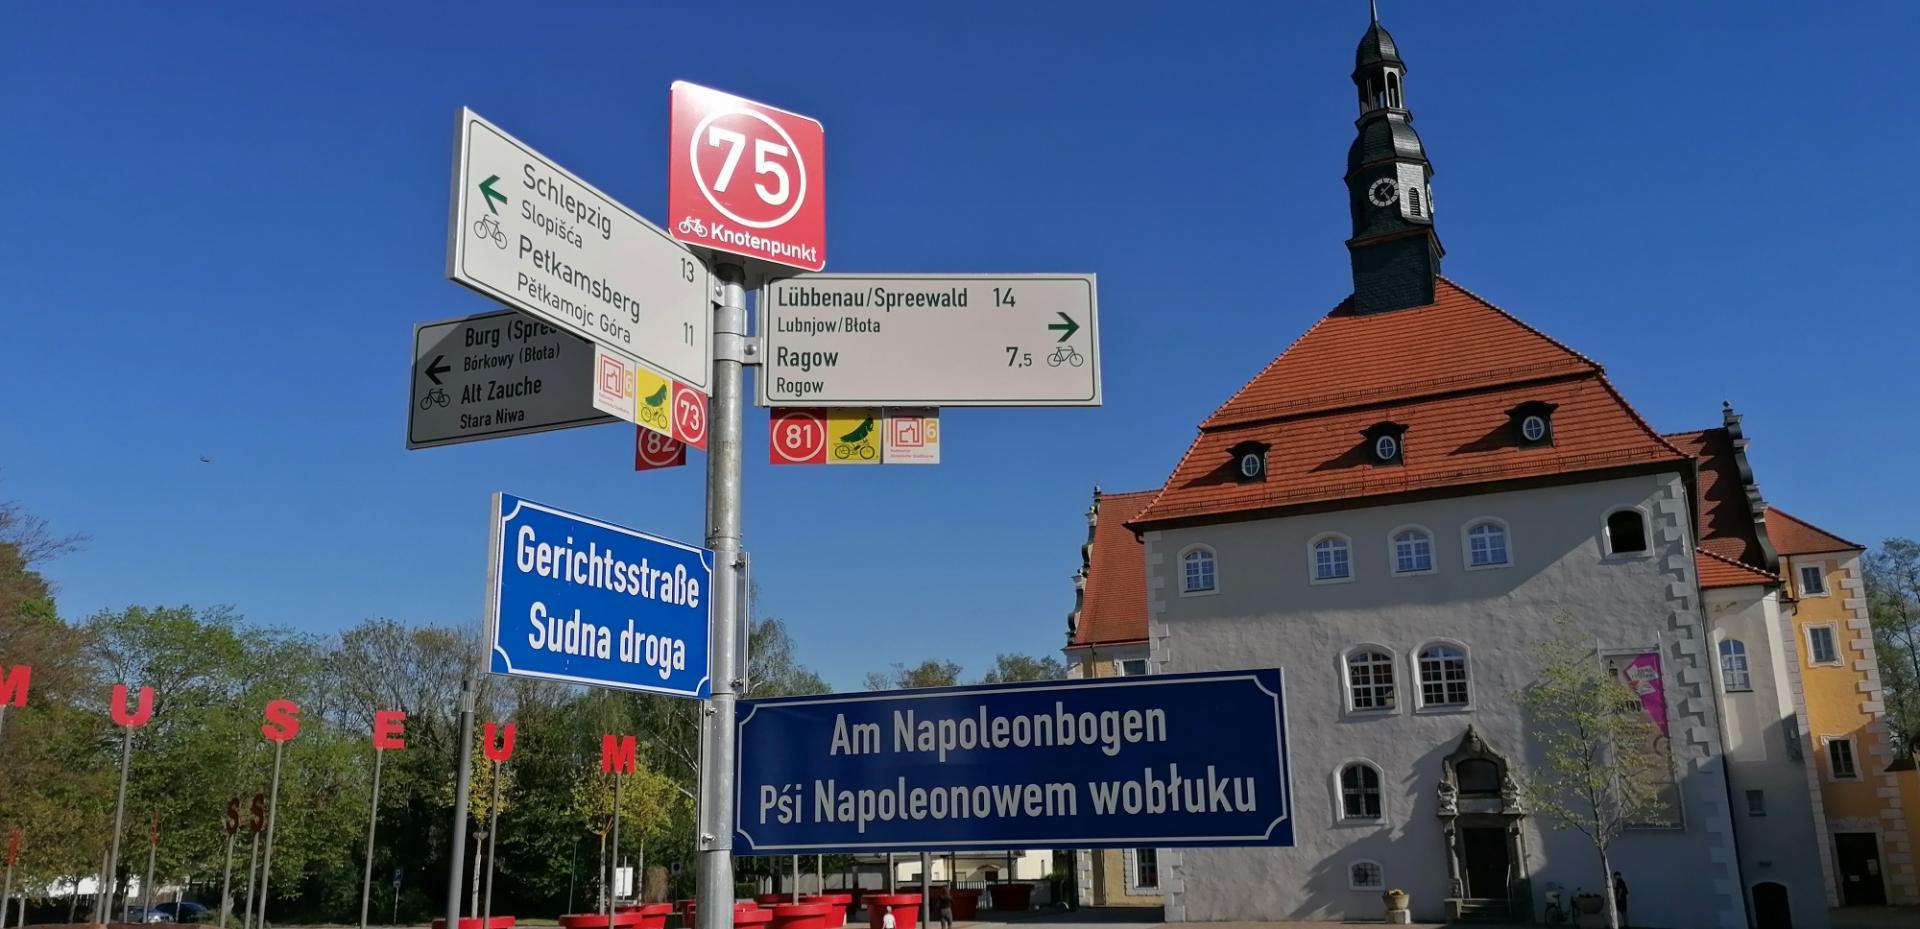 Lübben liegt im sorbischen/wendischen Siedlungsgebiet und wird nach und nach zweisprachig ausgeschildert. Foto: Dörthe Ziemer